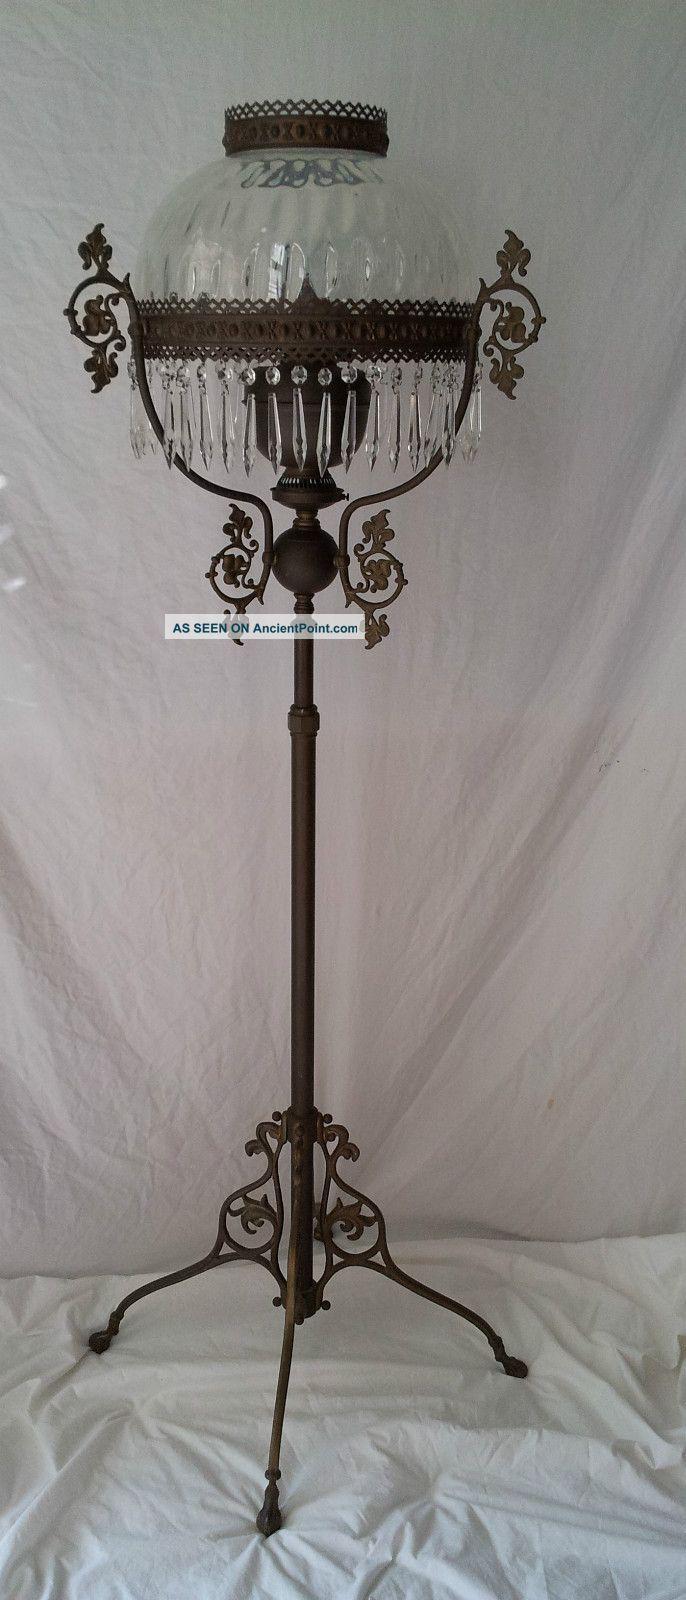 Antique Oil Lamp. ca.1900 | Antique oil lamps, Oil lamps, Lamp